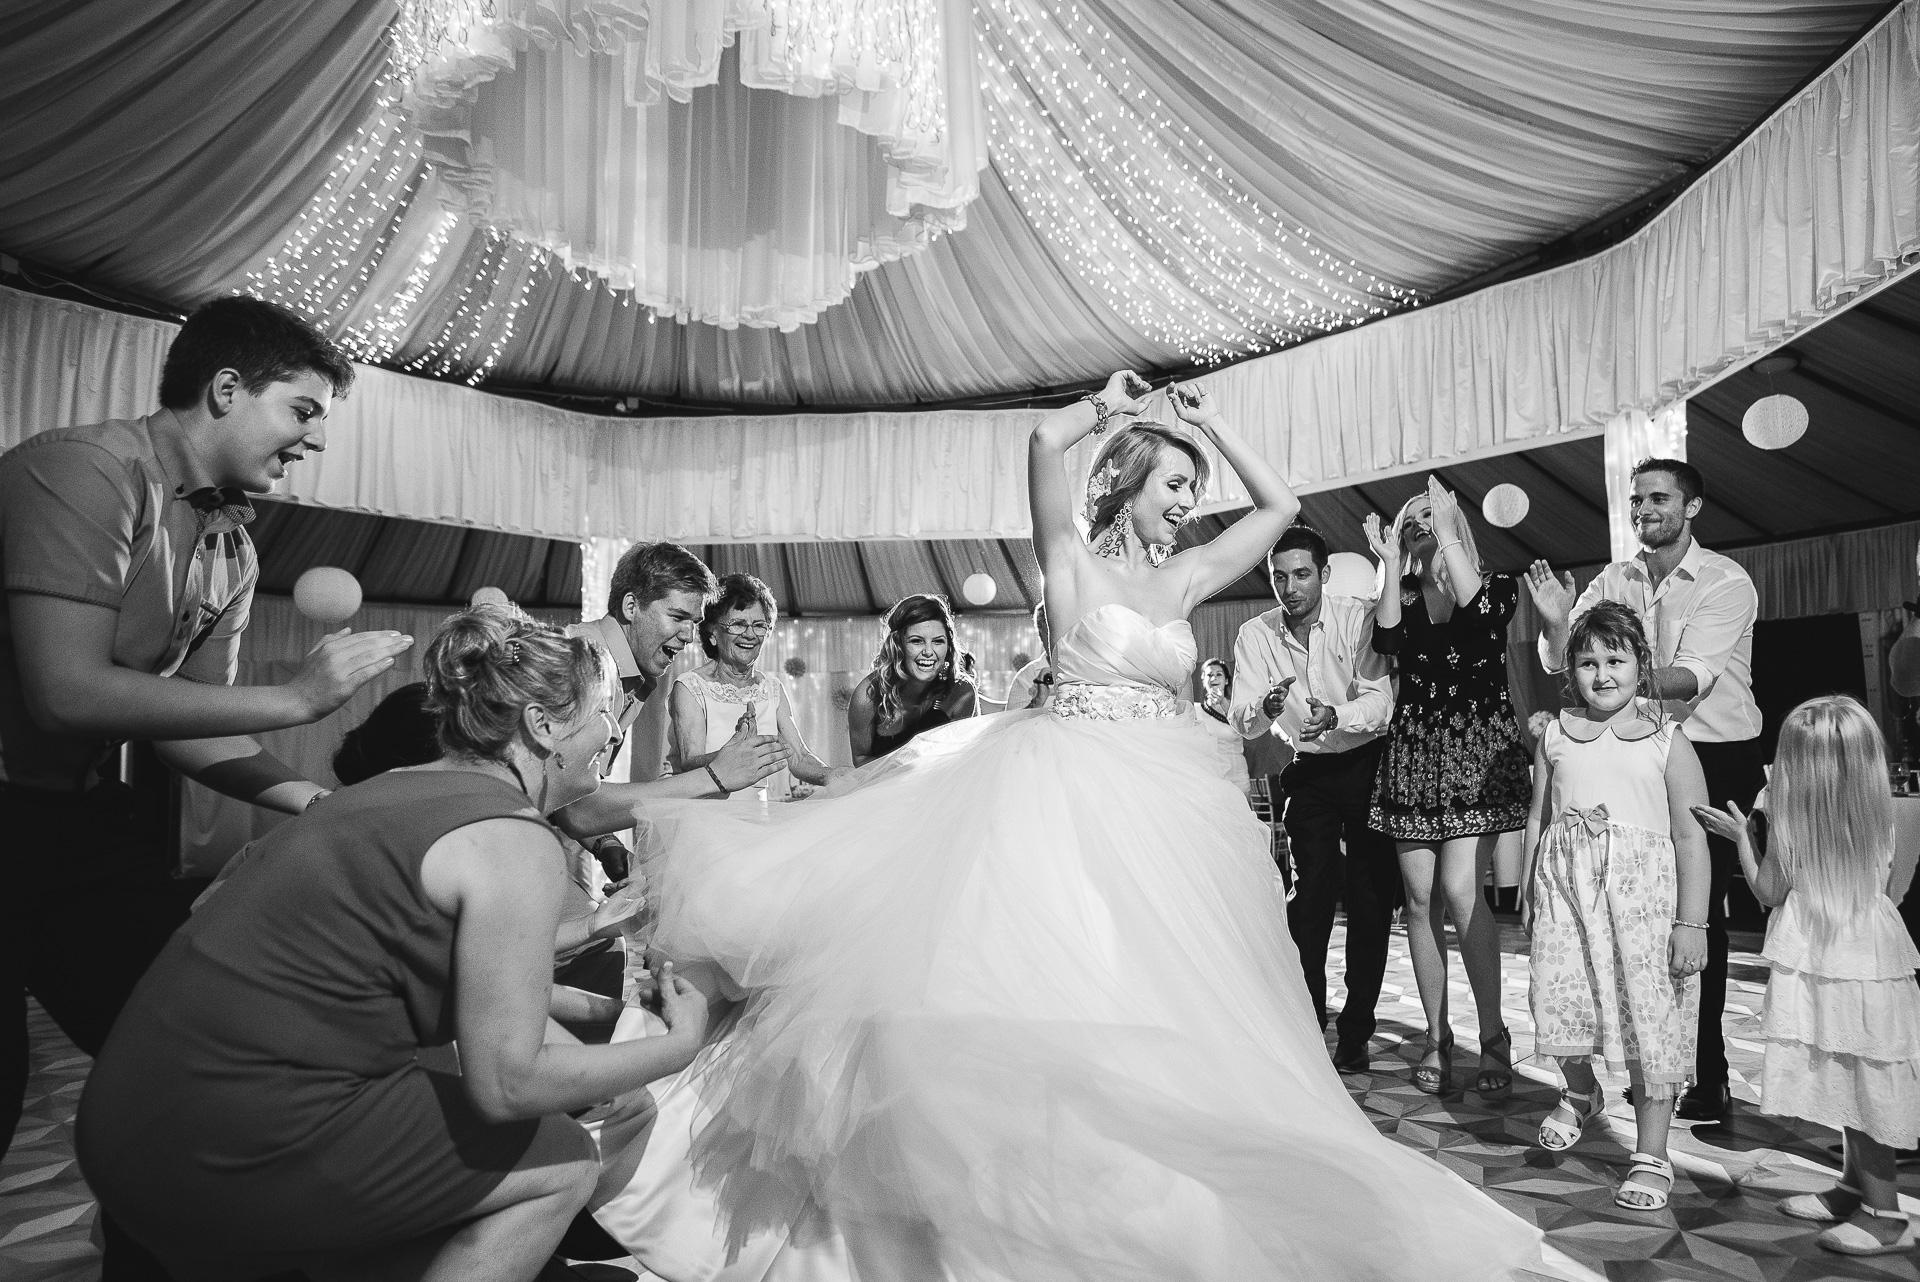 6 LB-Mediart stílusos esküvői fotózás és smink rendezvényfotózás kreatív esküvői fotózás Budapest Wedding Photography